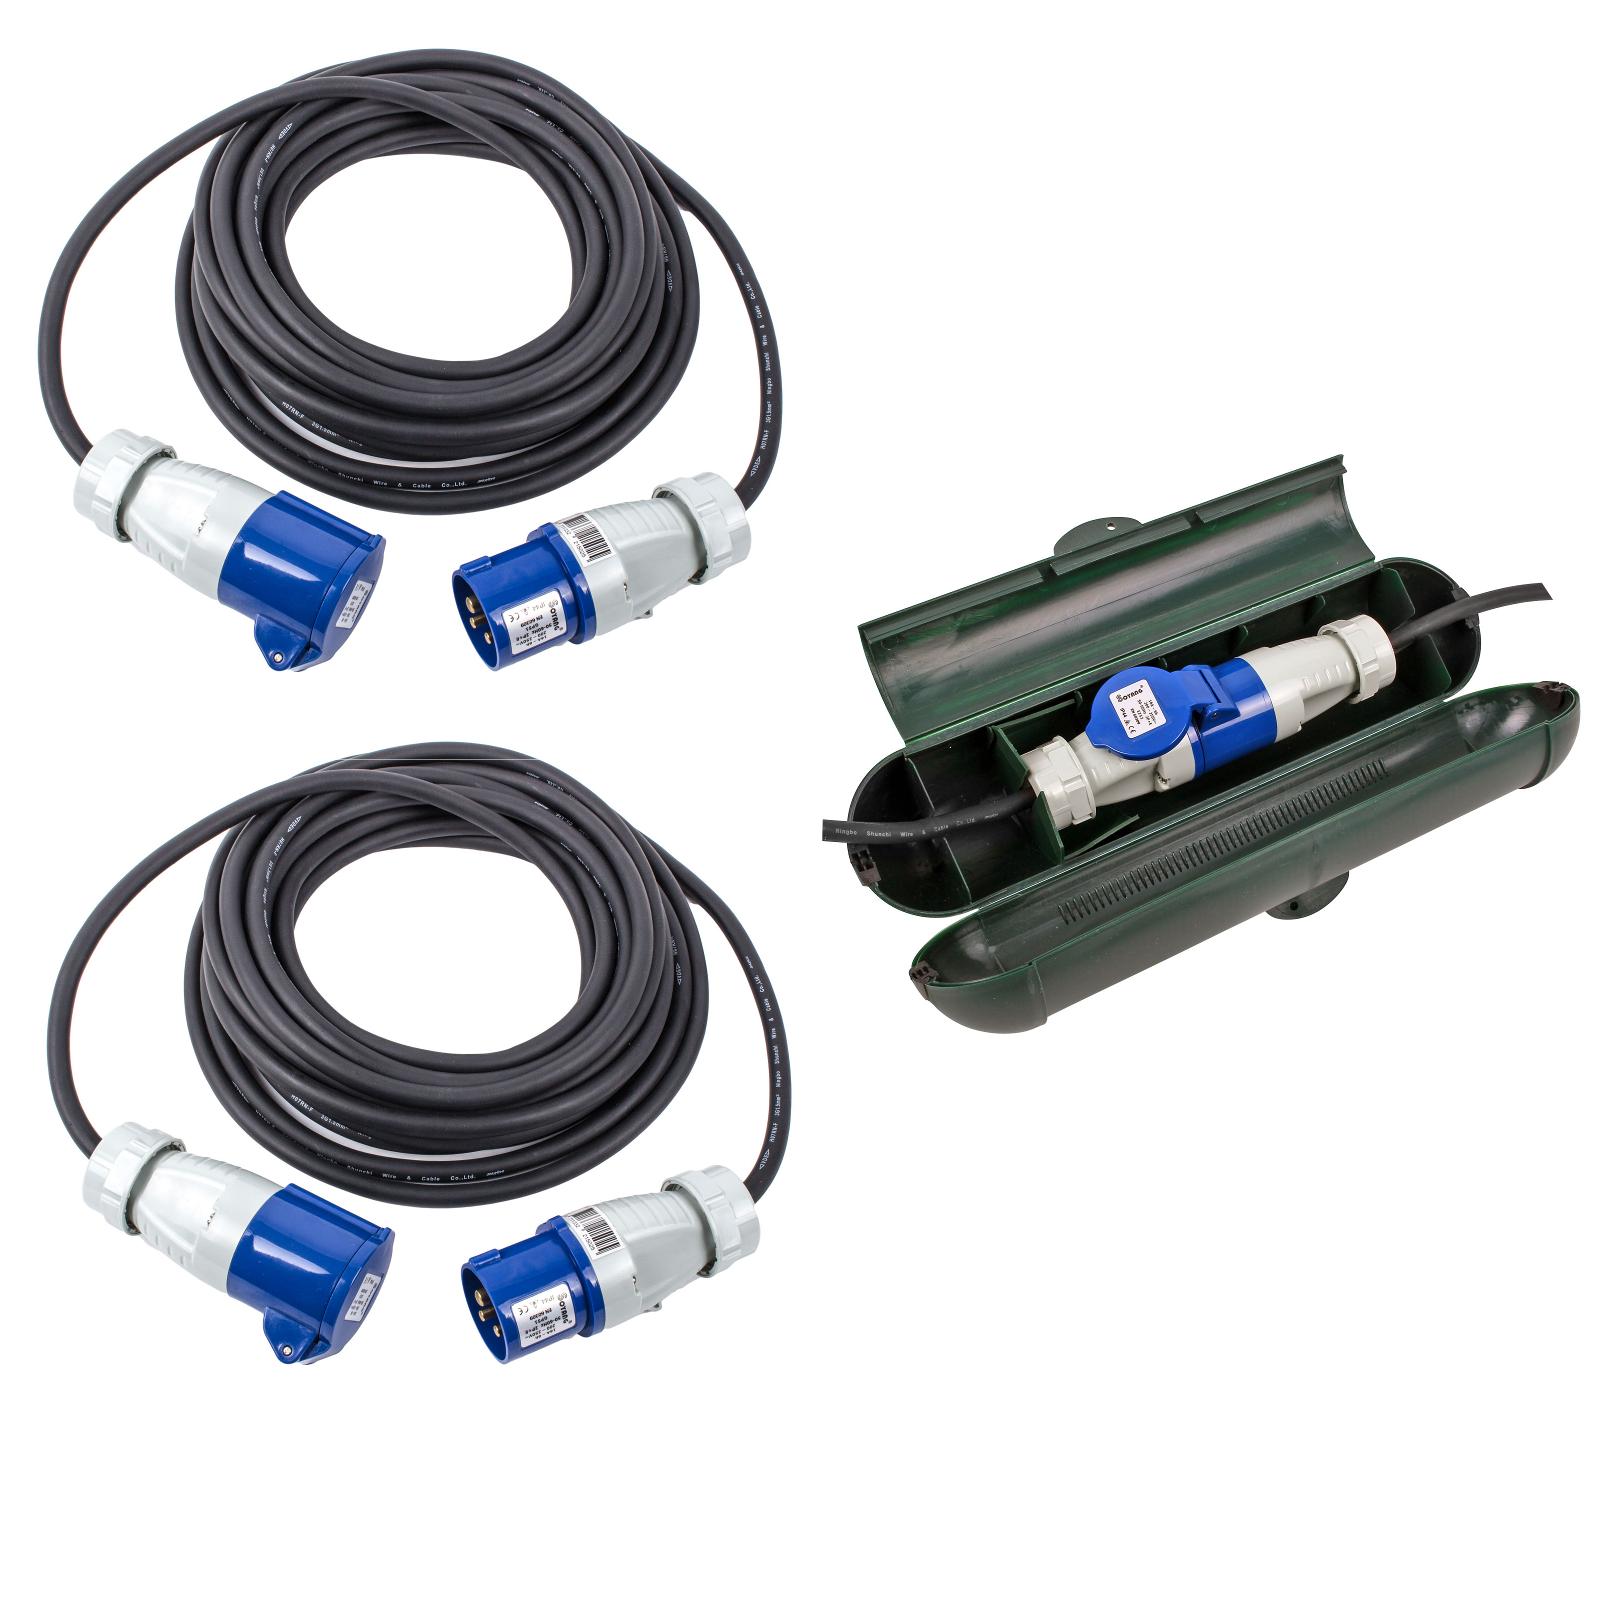 CEE Kabel Set bestehend aus 2x 10 Meter CEE Kabel + CEE Sicherheitsbox